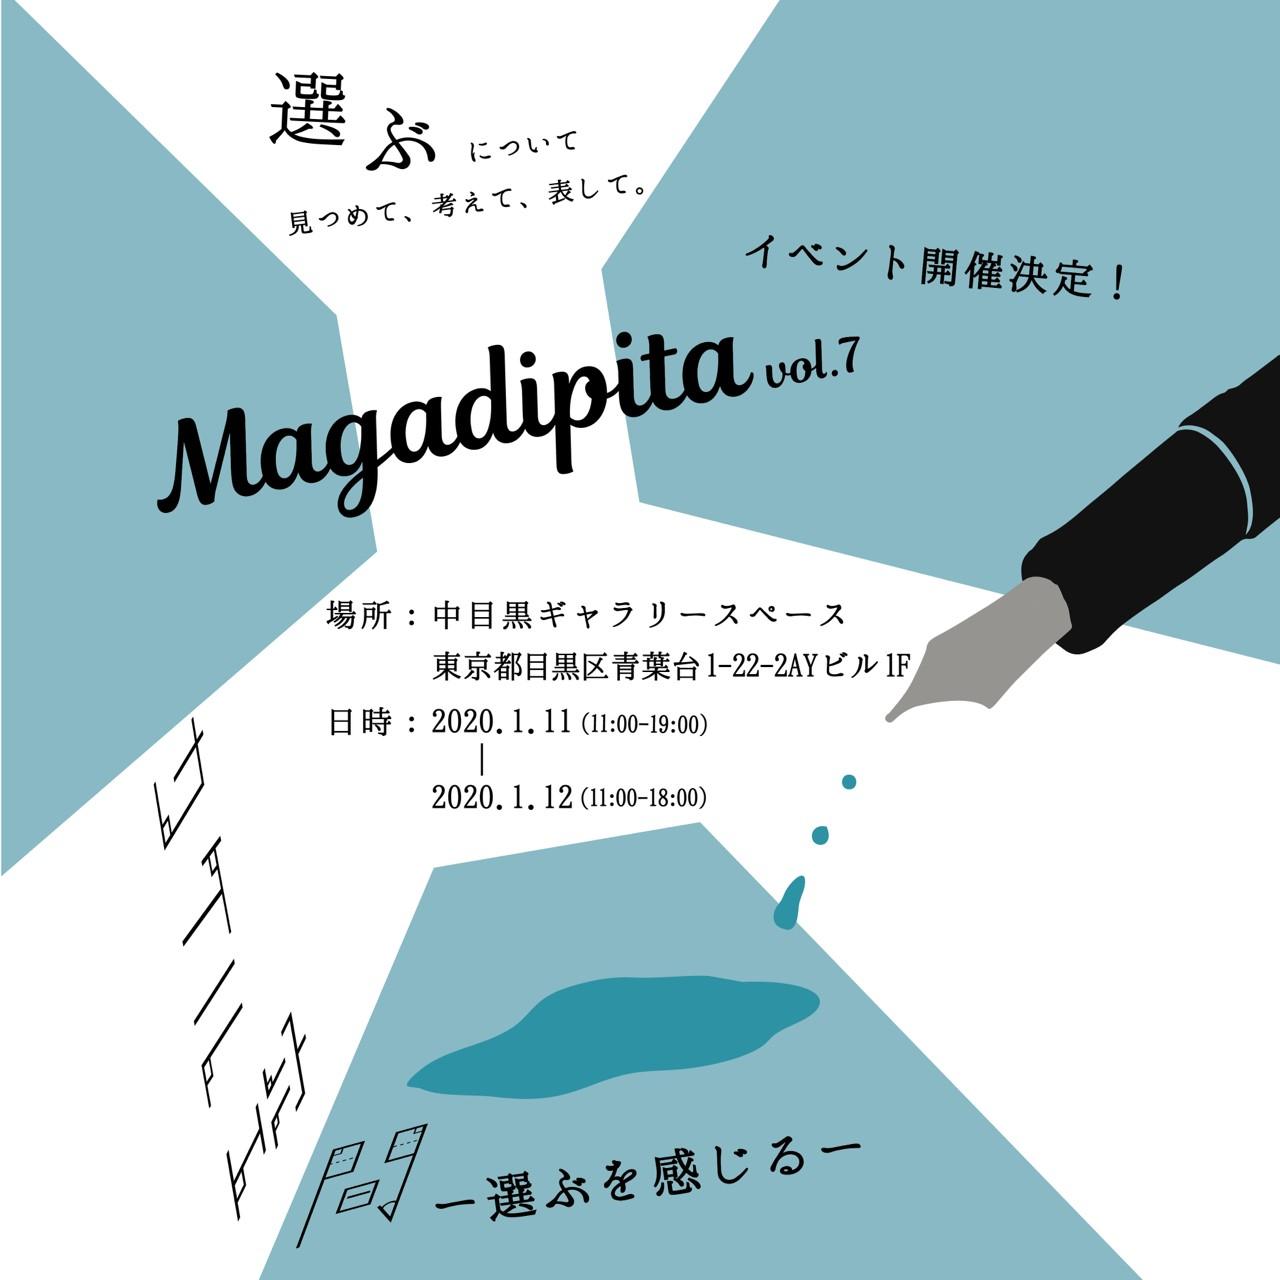 慶応大生企画のフリーマガジンMagadipitaのイベントが目黒川沿いで開催!【1月11・12日】|ナカメディア